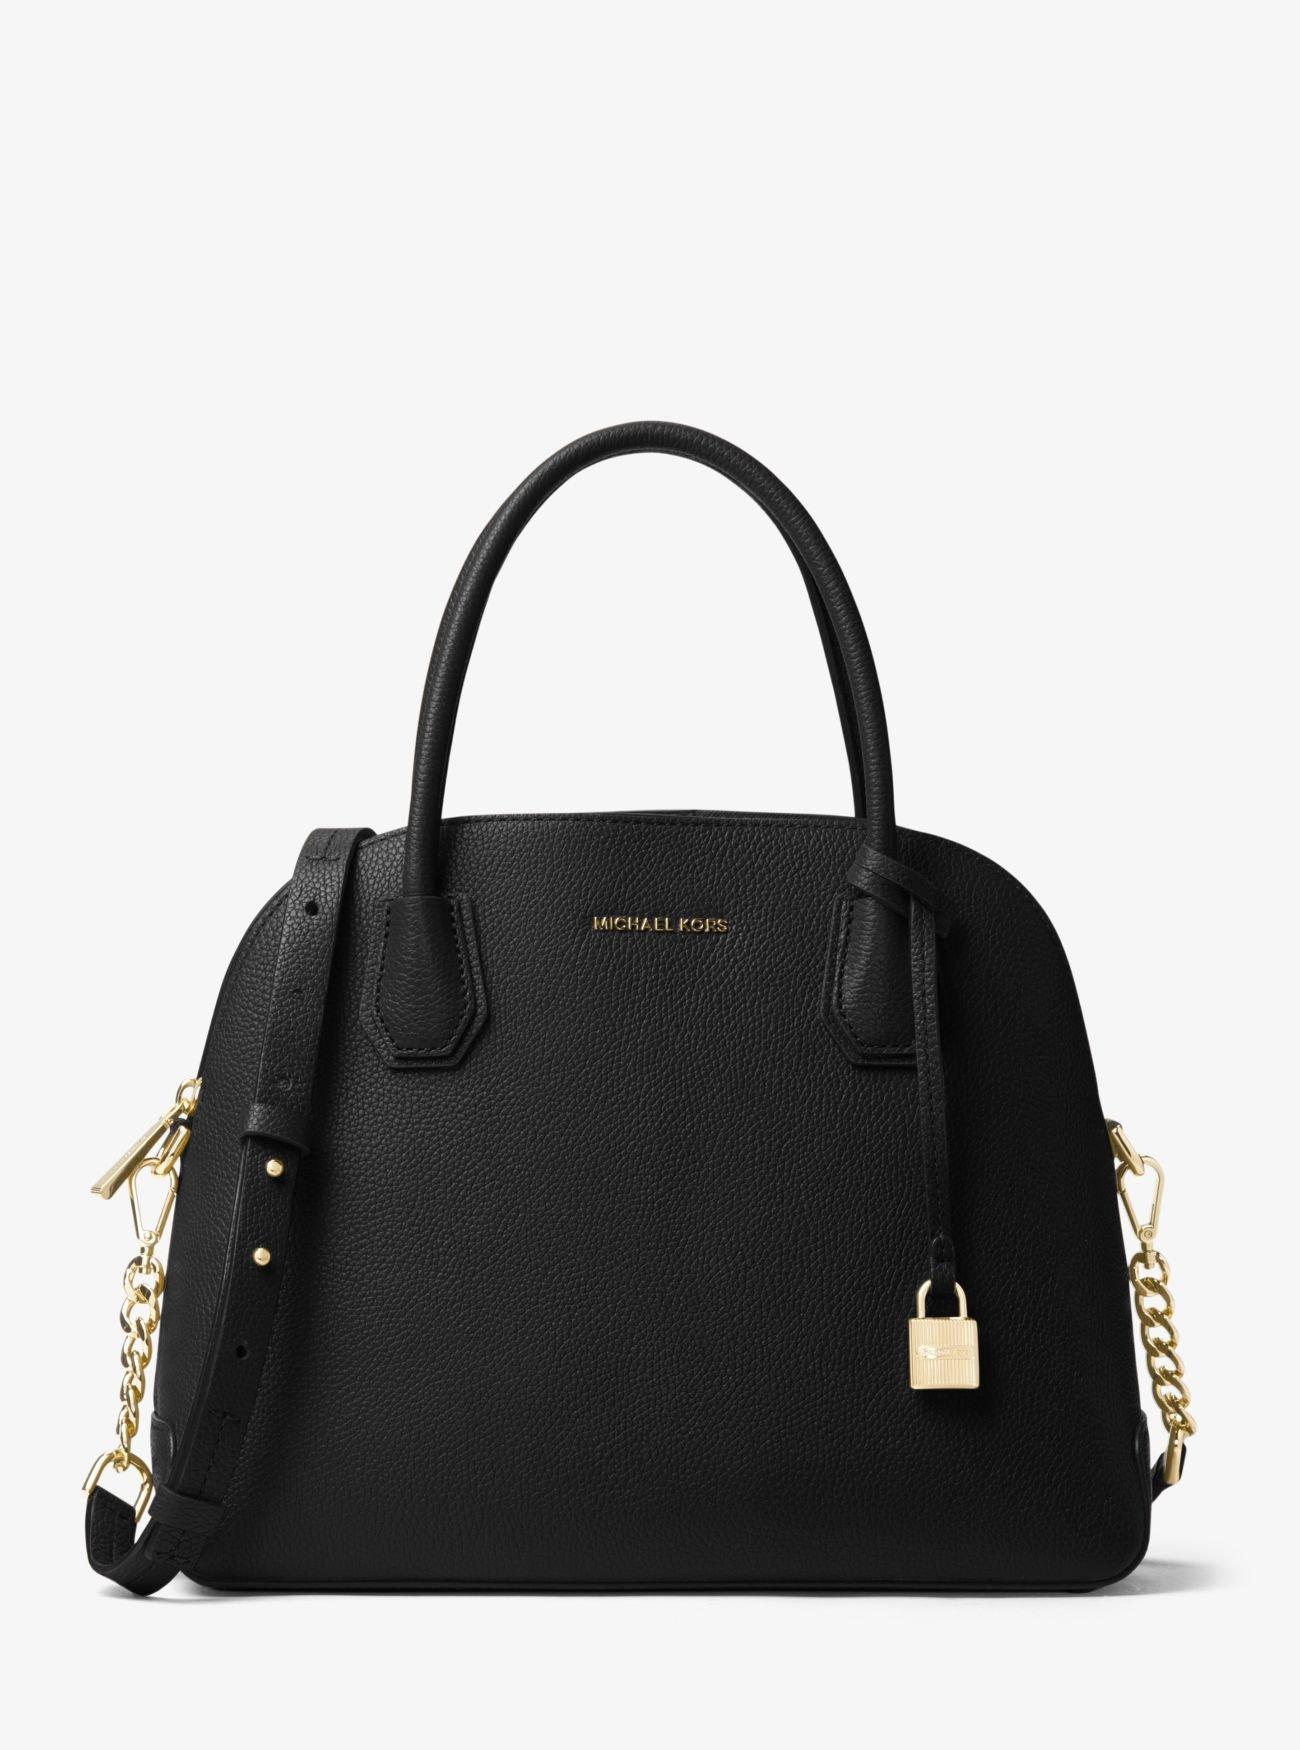 Michael Kors Mercer Large Dome Leather Satchel Bag (Black)